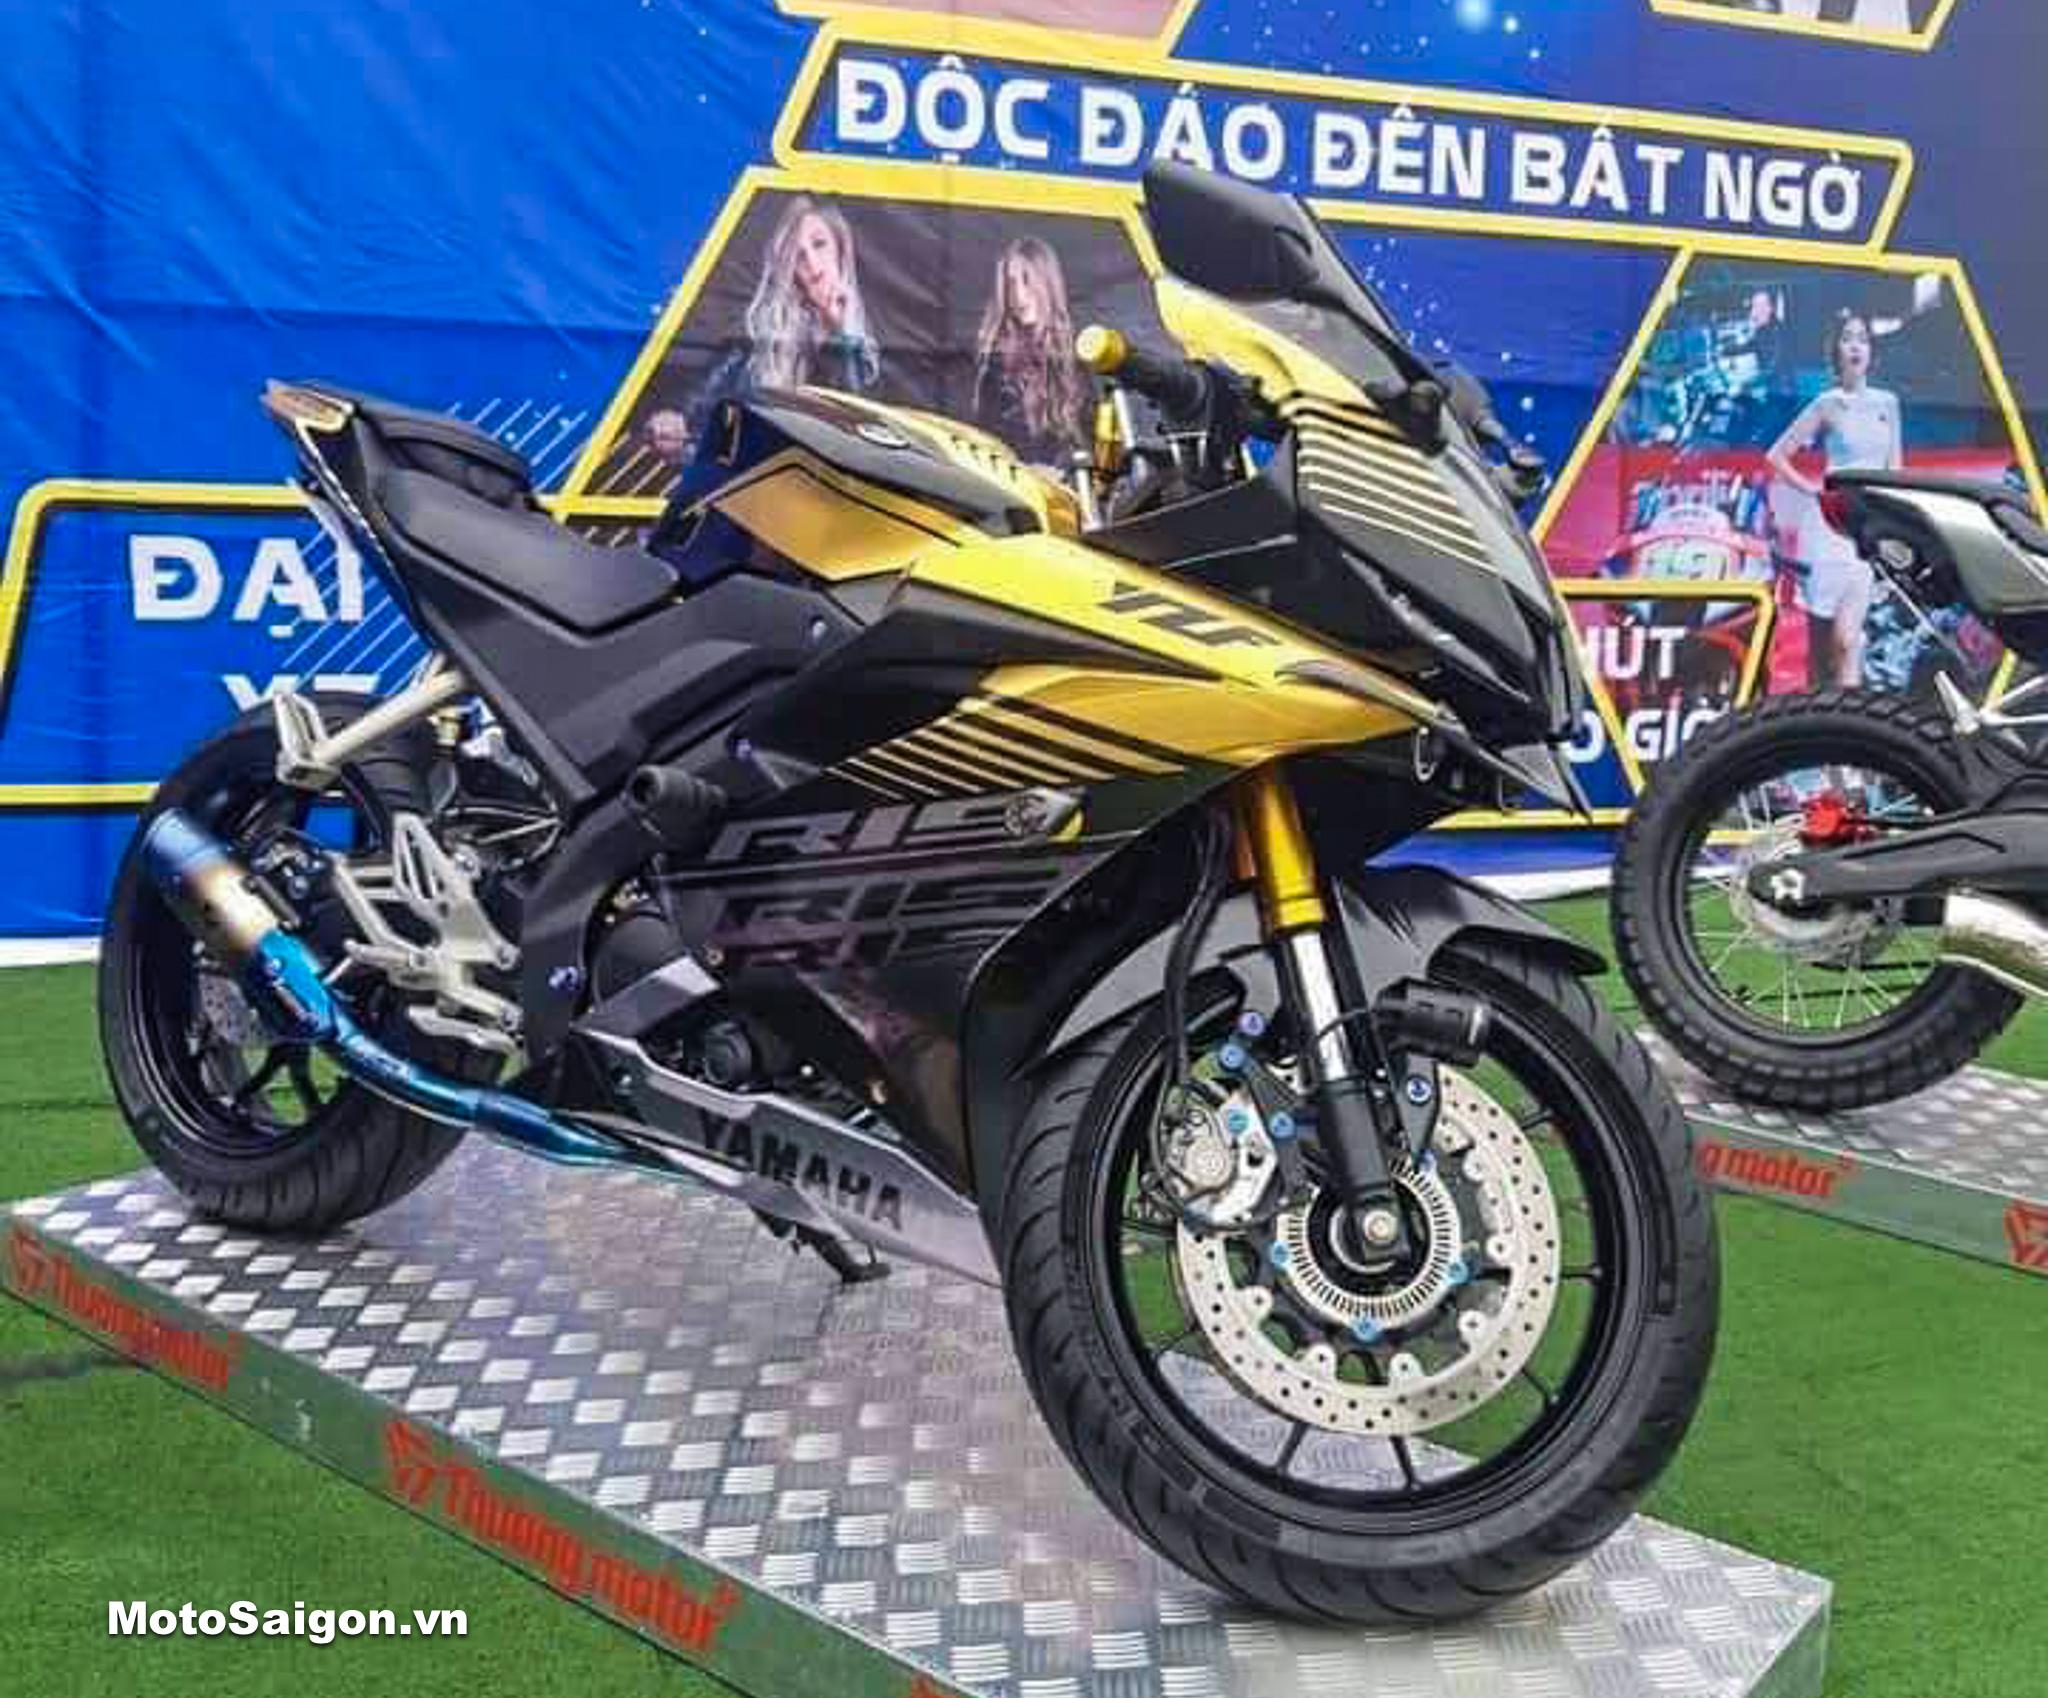 Yamaha R15 v3 ABS với gói độ 34 món đồ chơi gần 100 triệu đồng